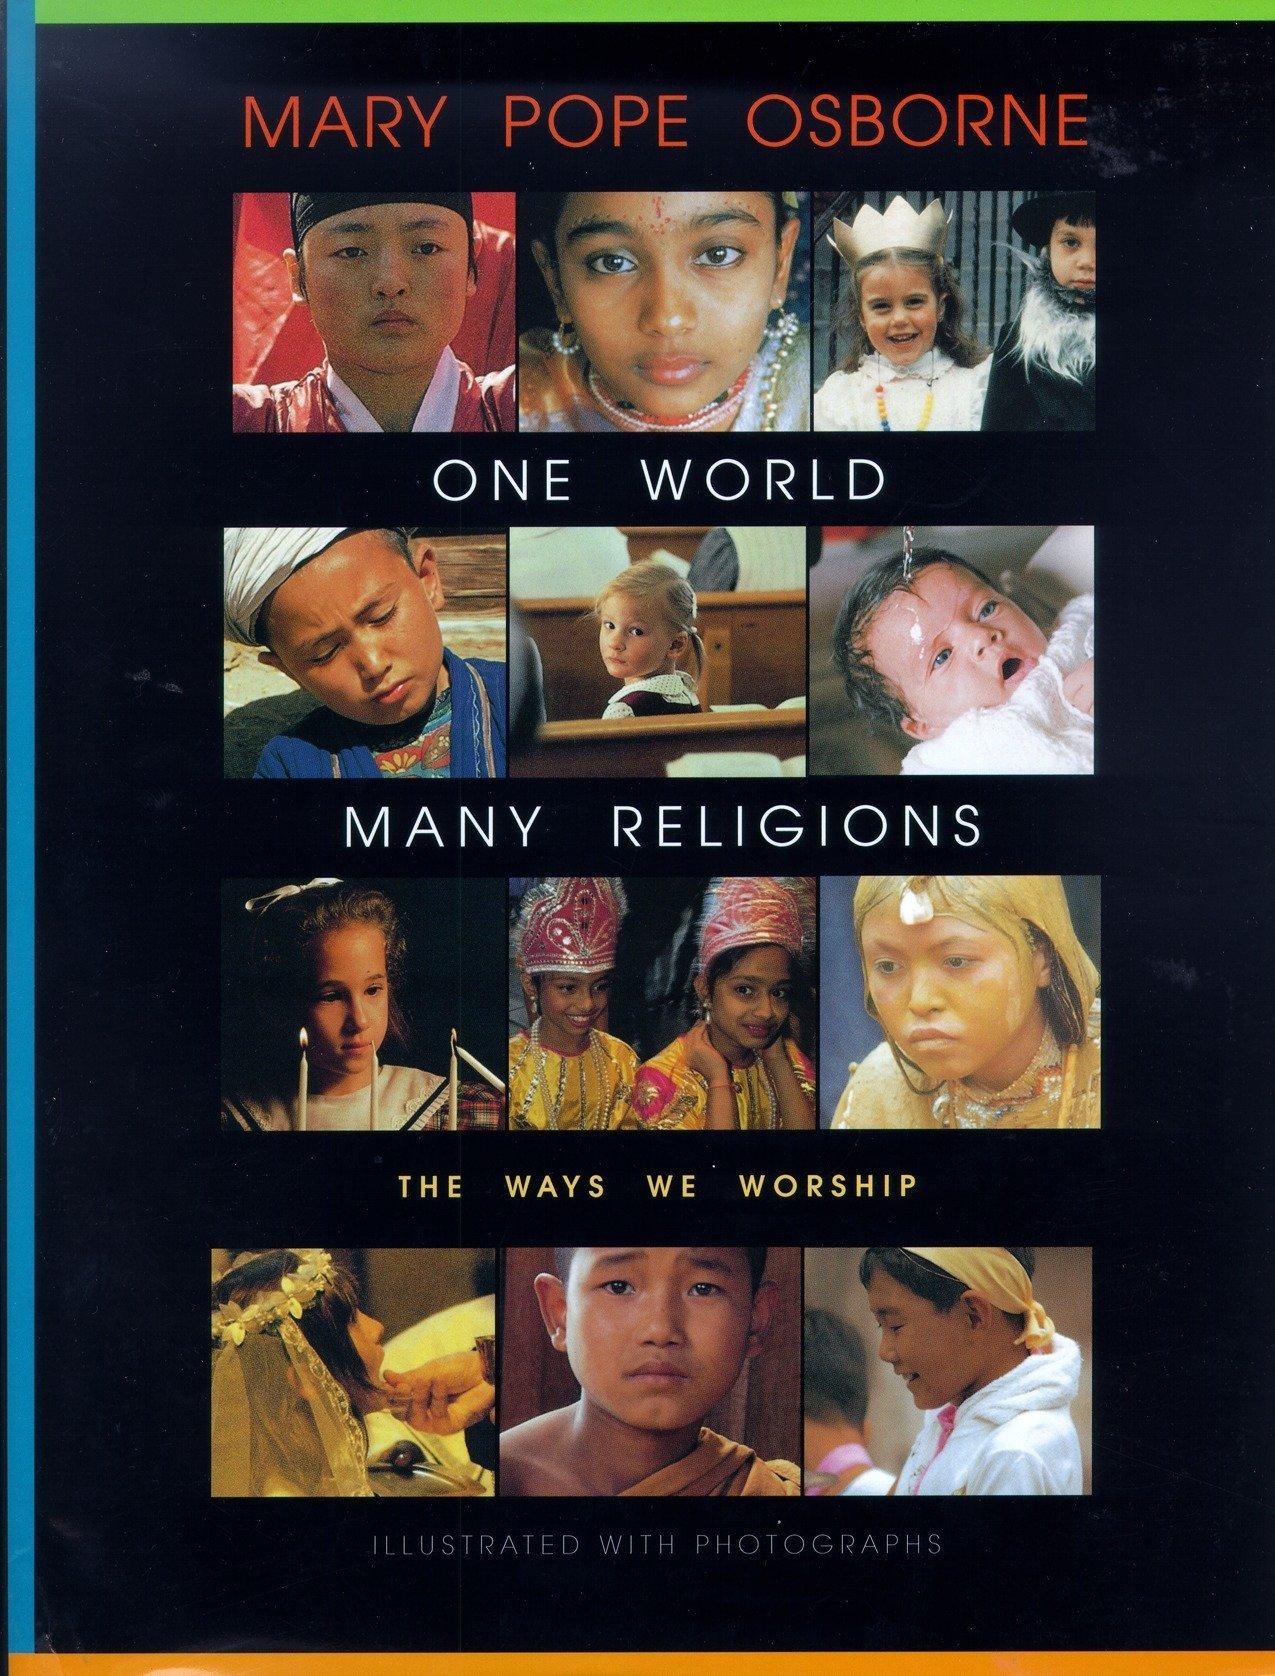 E World Many Religions The Ways We Worship Mary Pope Osborne